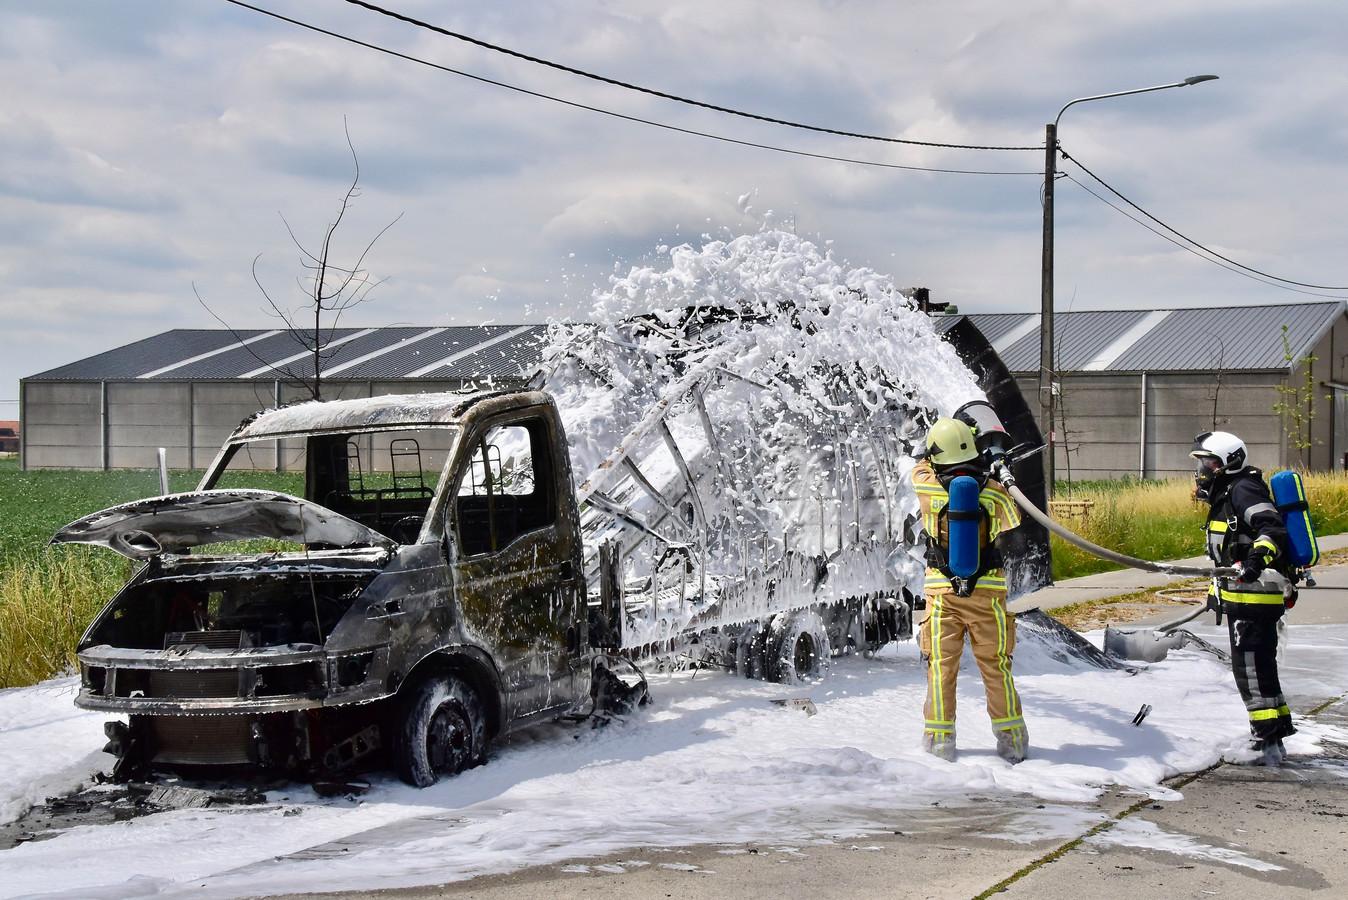 Illustratiebeeld: Brandweerschuim zou voor mogelijke vervuiling kunnen zorgen.